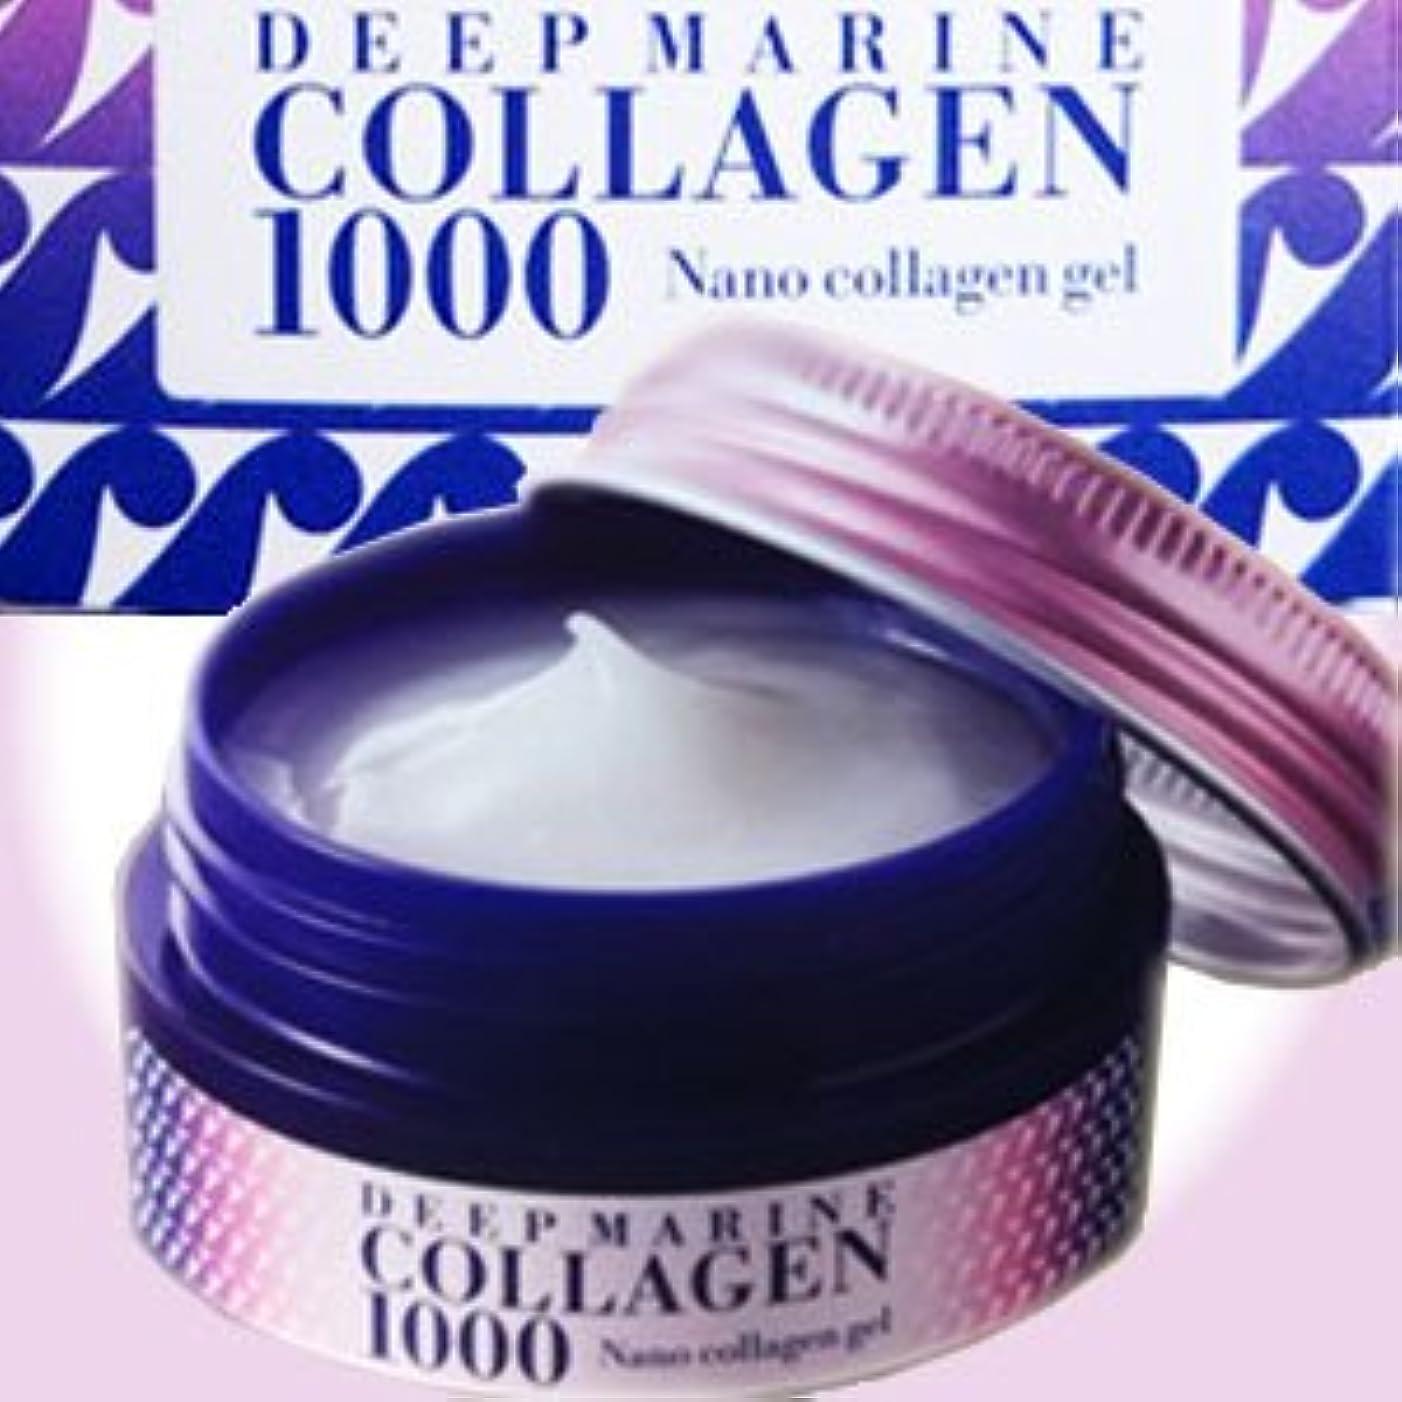 特に揃えるコンドームディープマリンコラーゲン 1000 35g